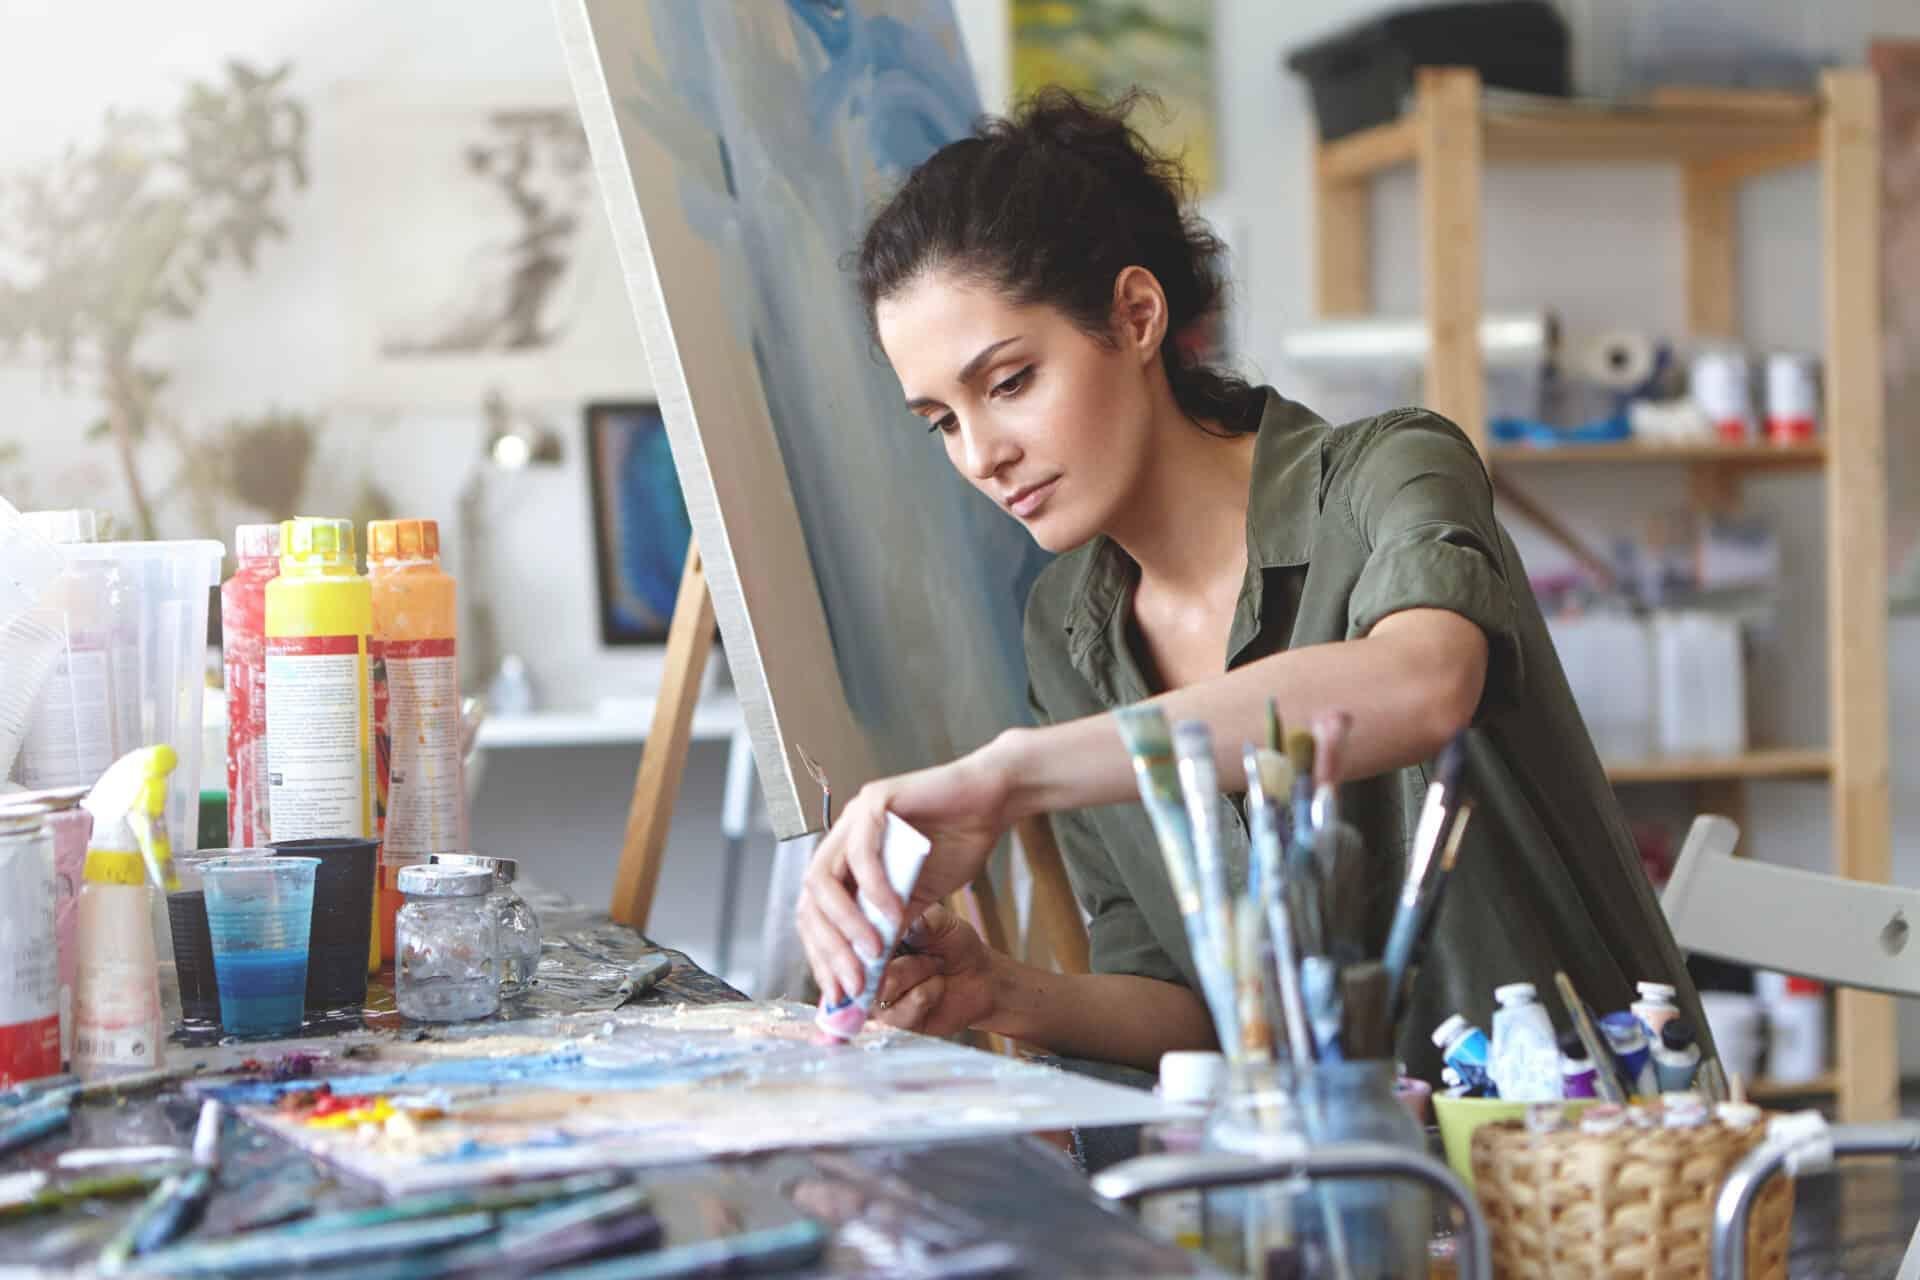 Auch wenn du malst, kannst du dich über die Künstlersozialkasse (KSK) absichern.